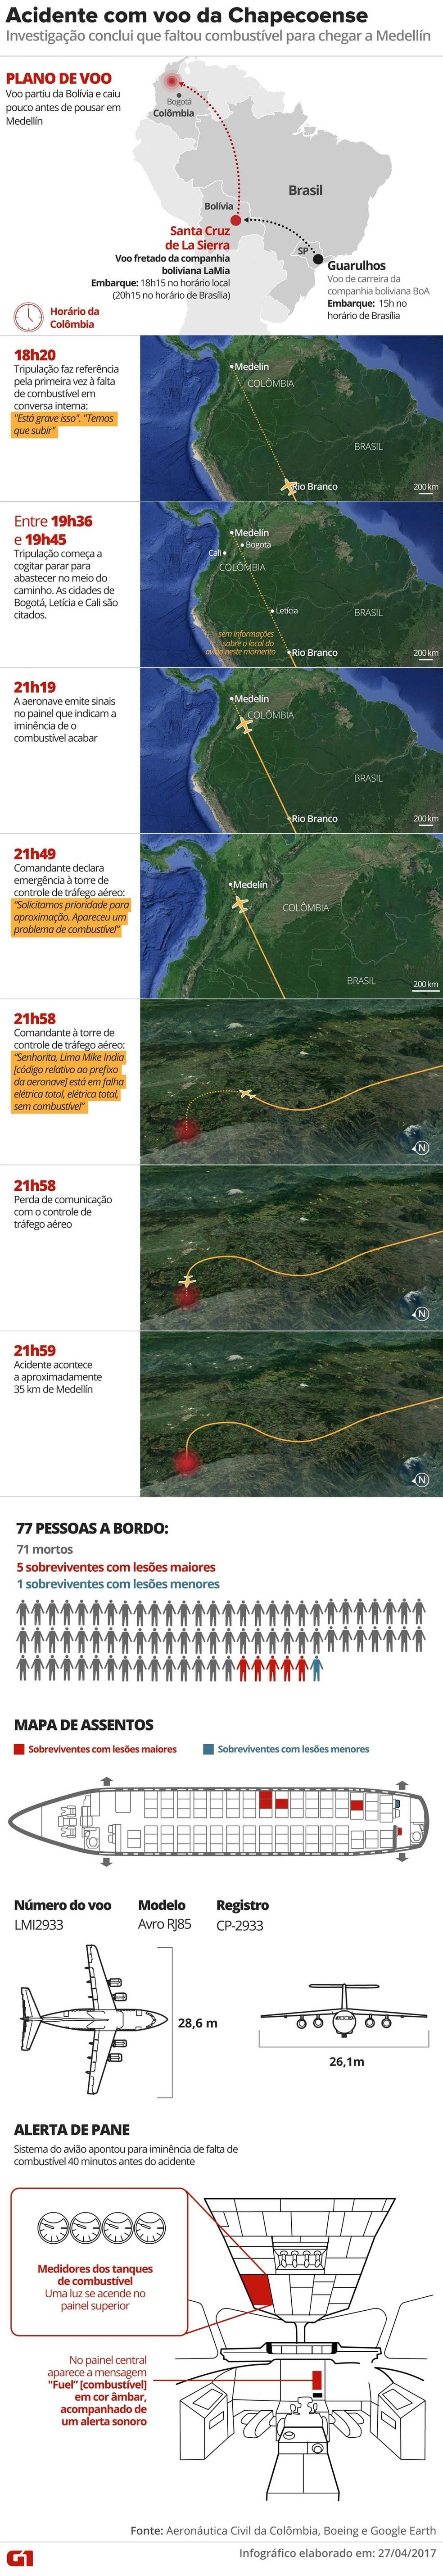 Acidente com avião da Chapecoense — Foto: Alexandre Mauro e Wagner M. Paula/G1